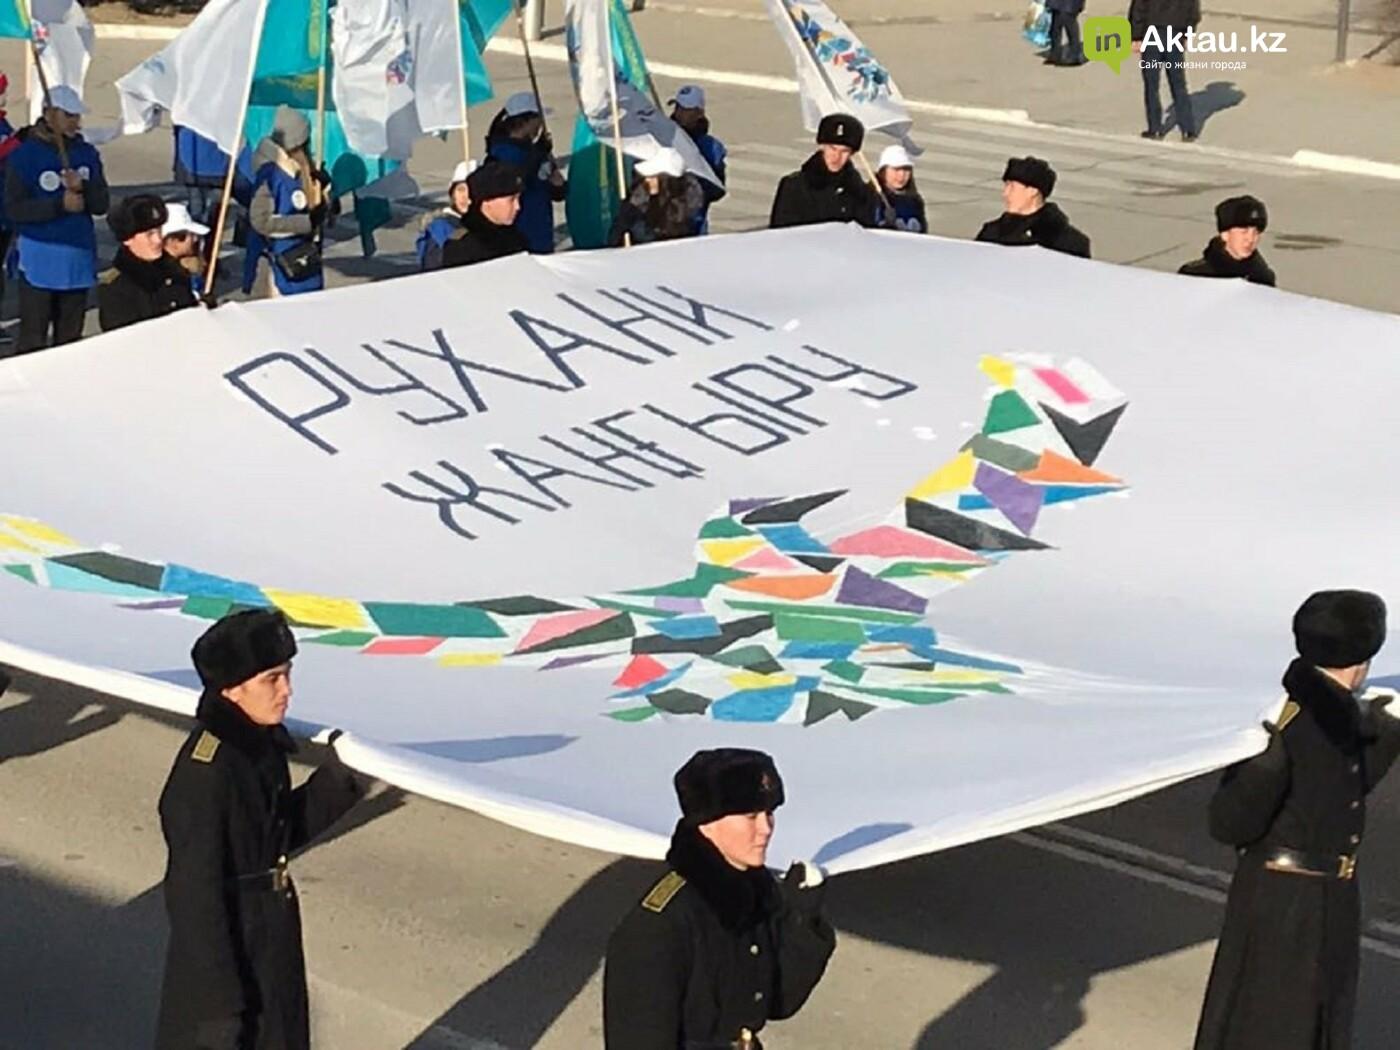 Флешмоб с национальным флагом прошел в Актау, фото-1